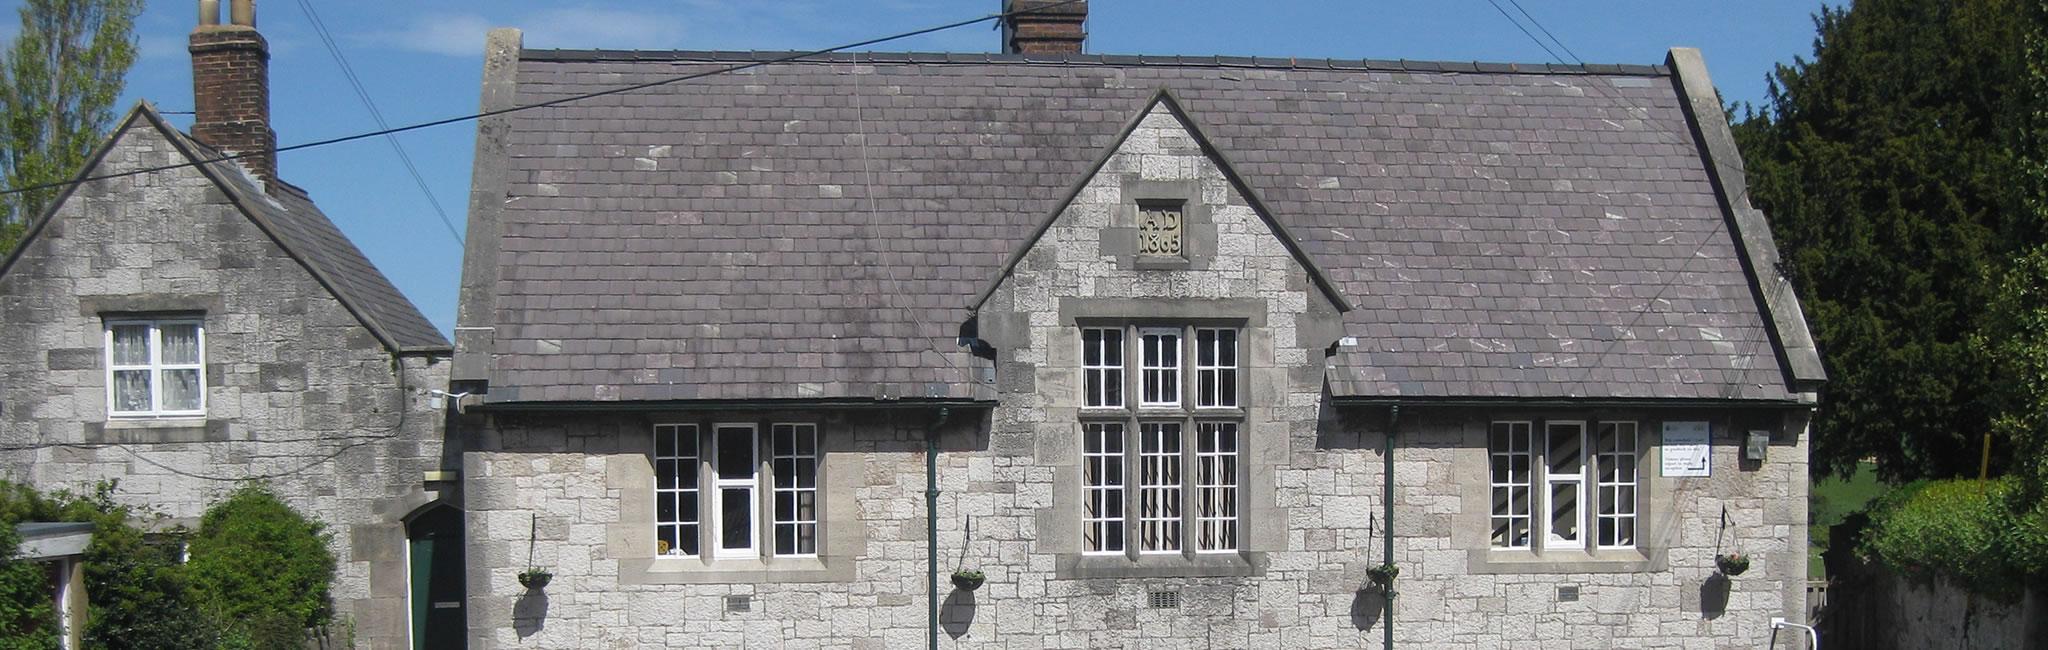 Ysgol Tremeirchion, St Asaph